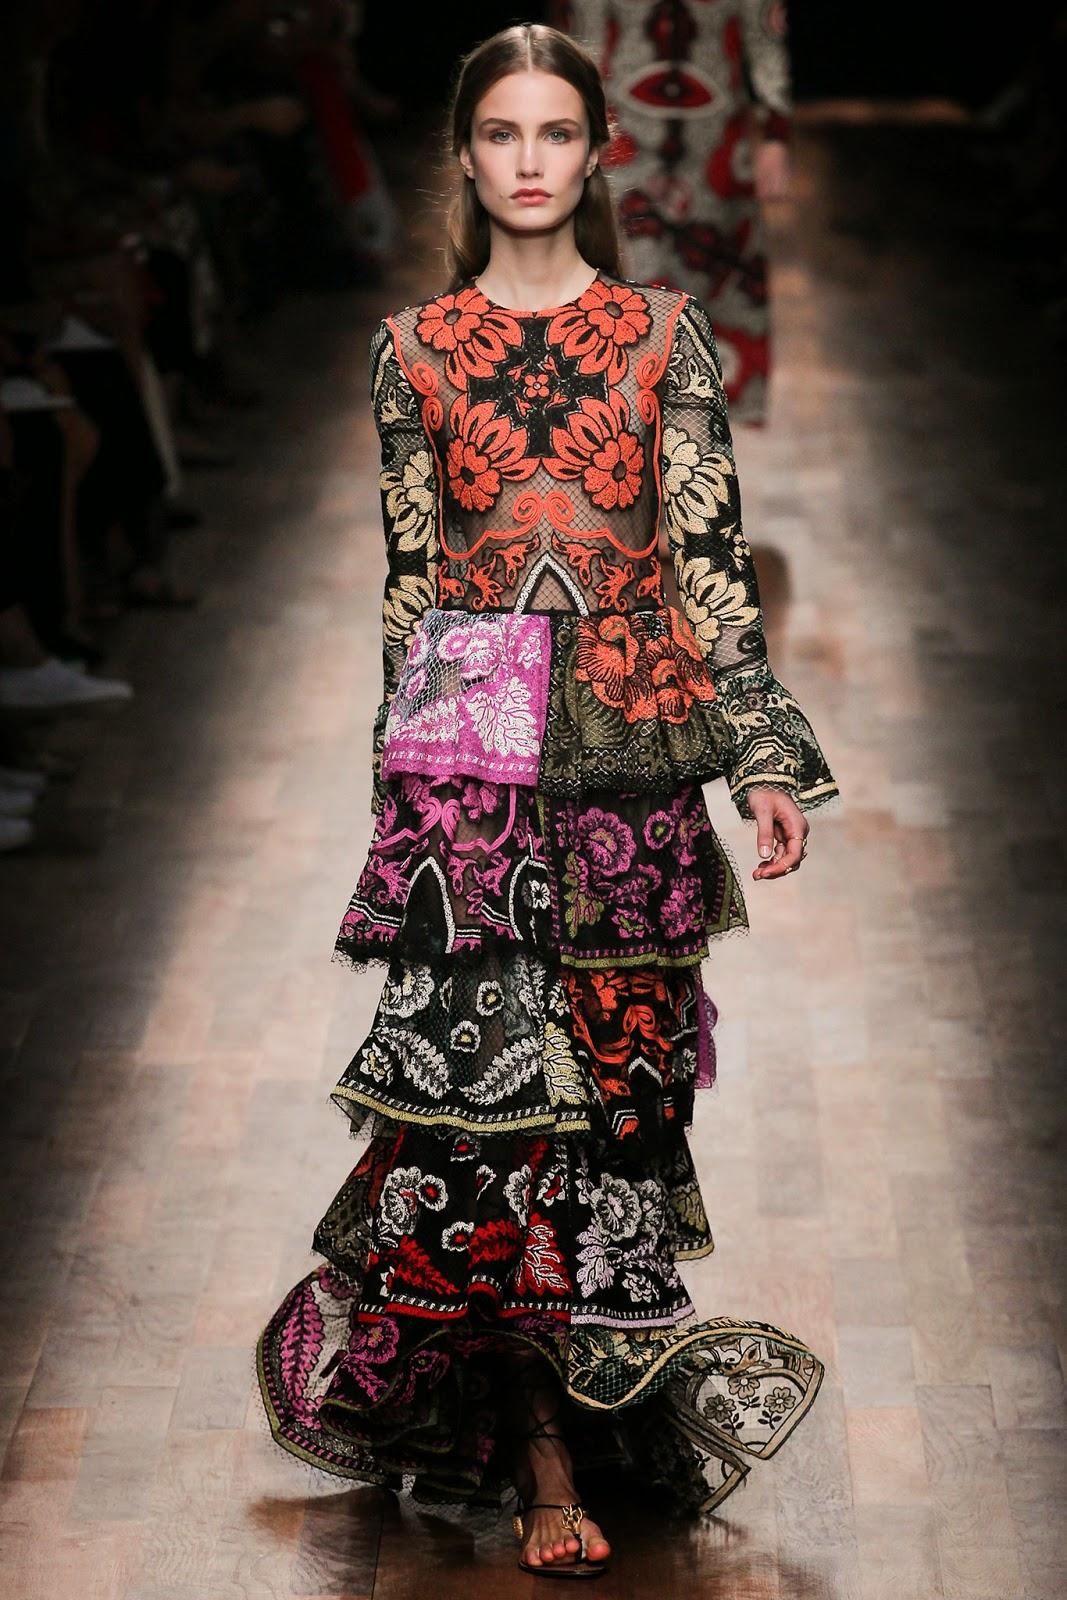 valentino 2015 summer 2016 trend women dress21 Valentino 2015 samling, våren sommaren 2016 Valentino klänning modeller, Valentino kväll klänning nya säsongen kvinnors kjolar modeller